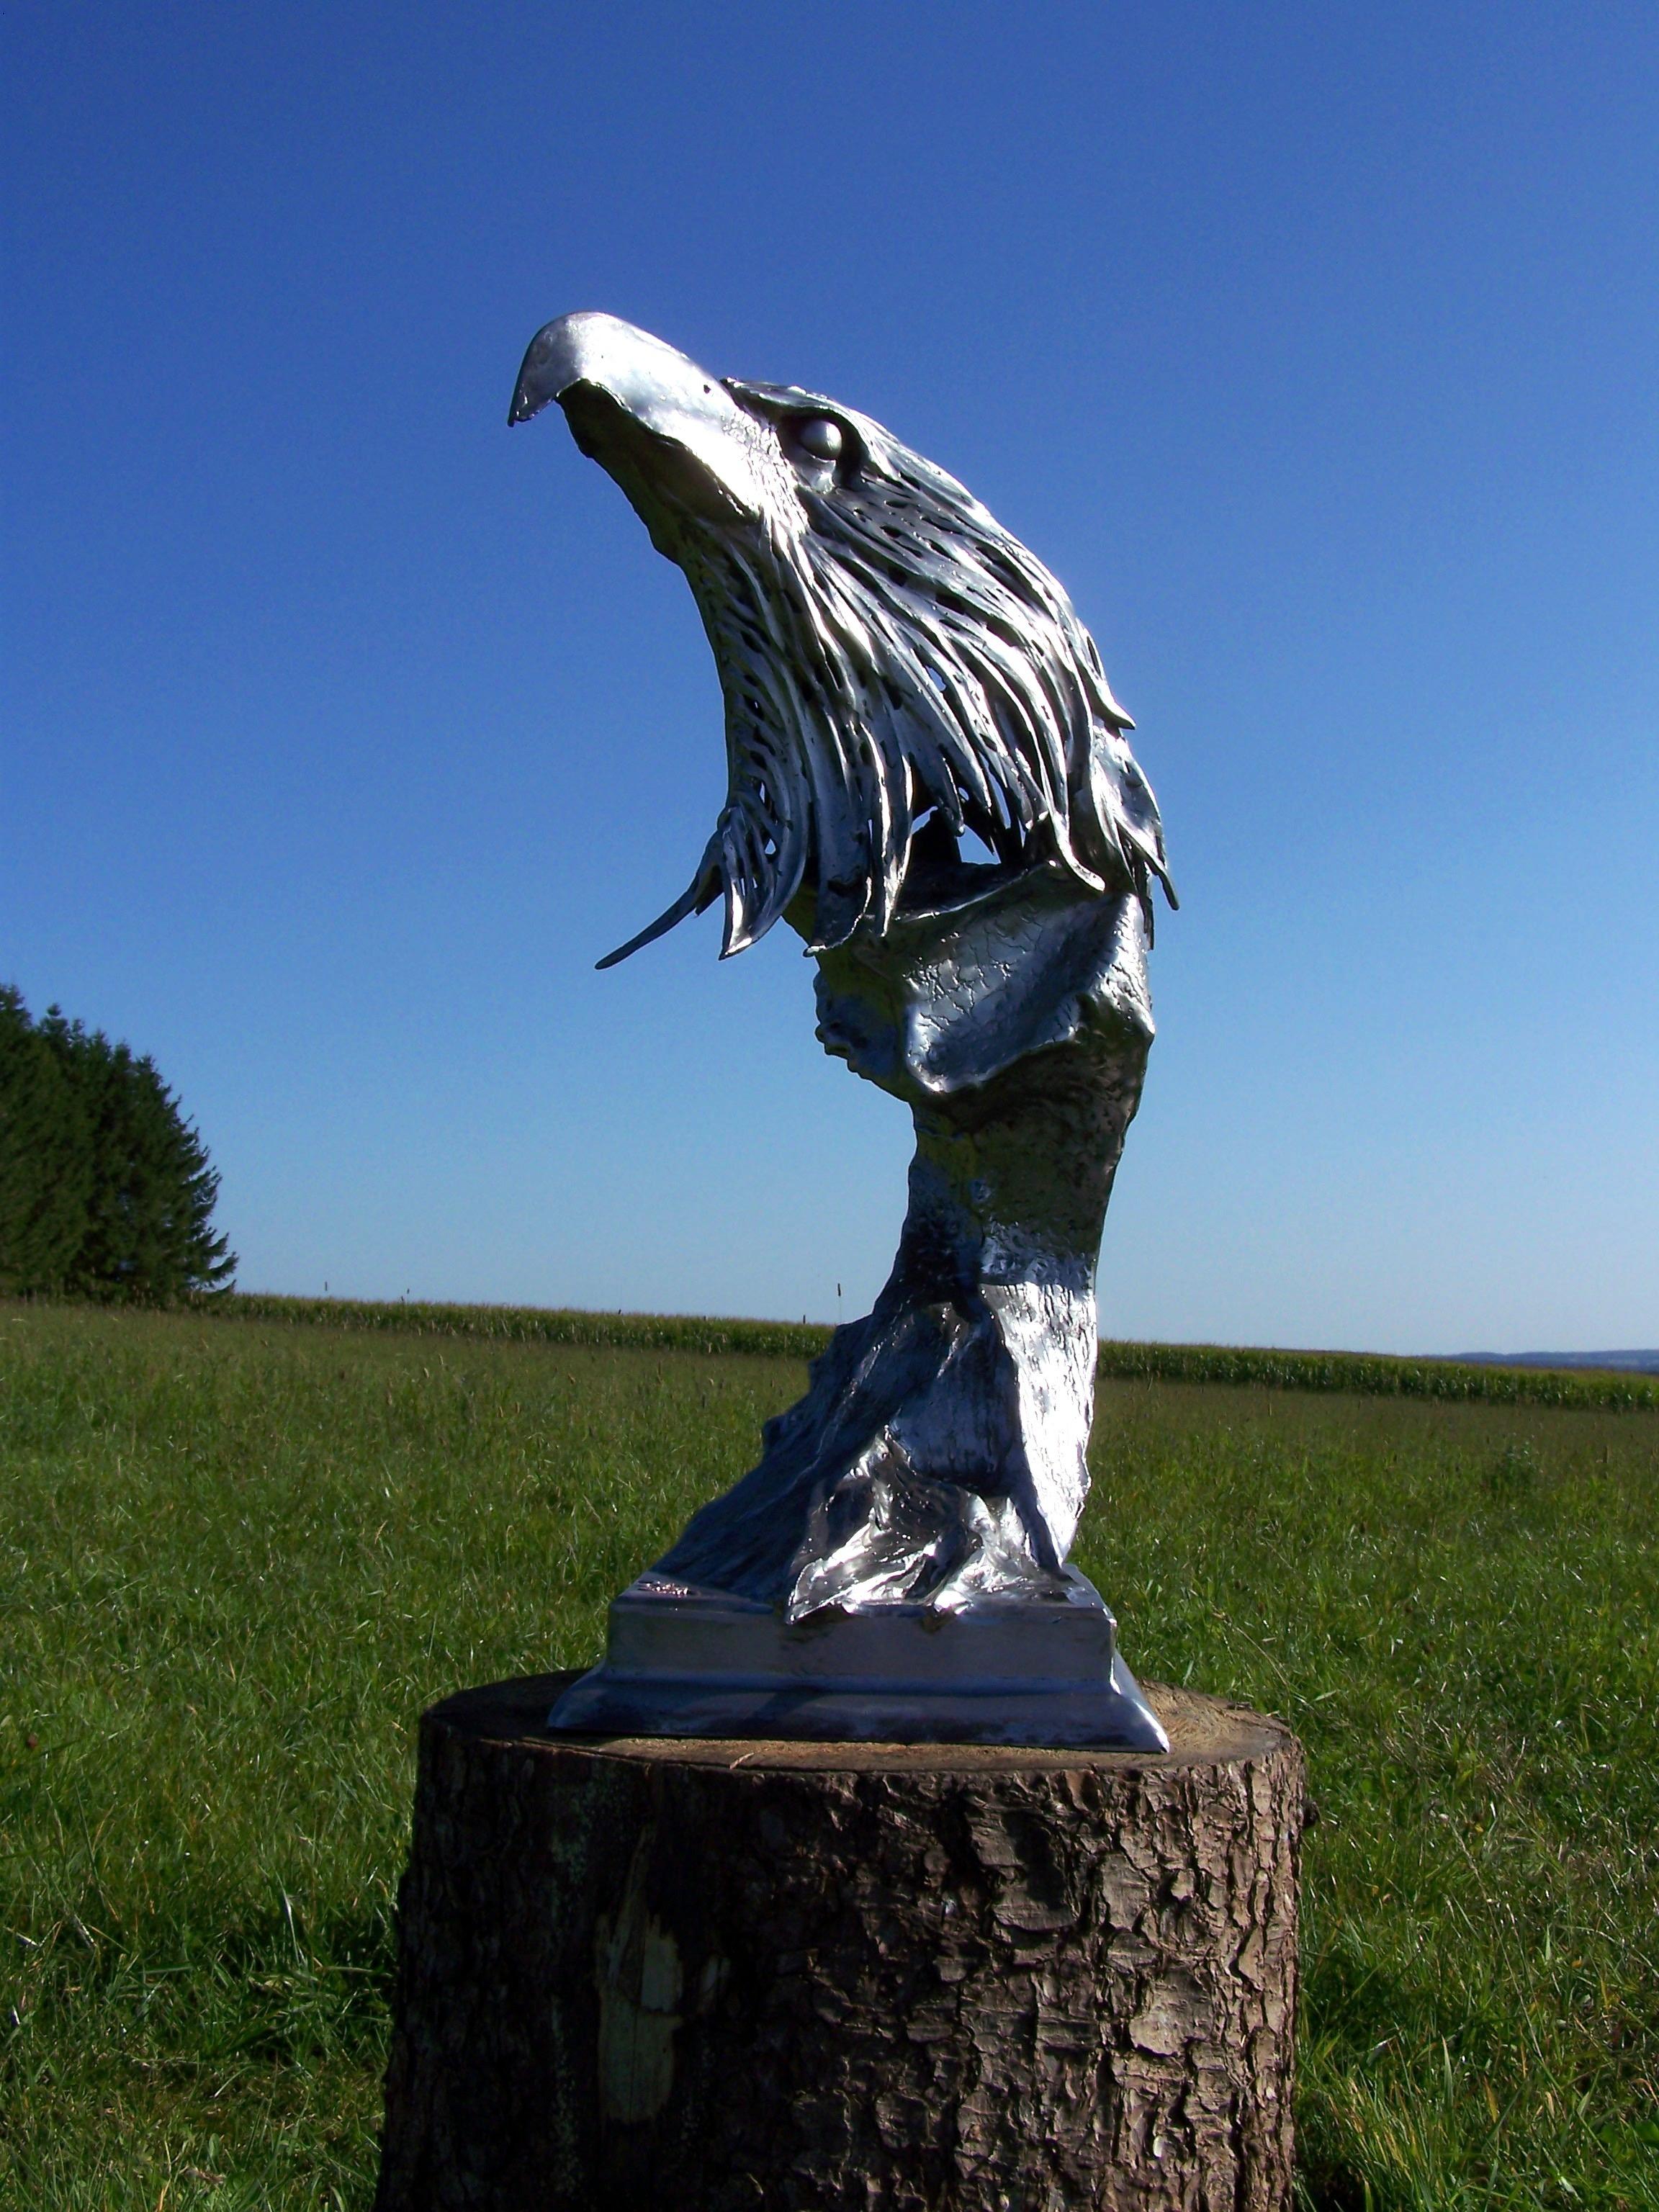 Metalsculpture, metalart, art, aquila, eagle